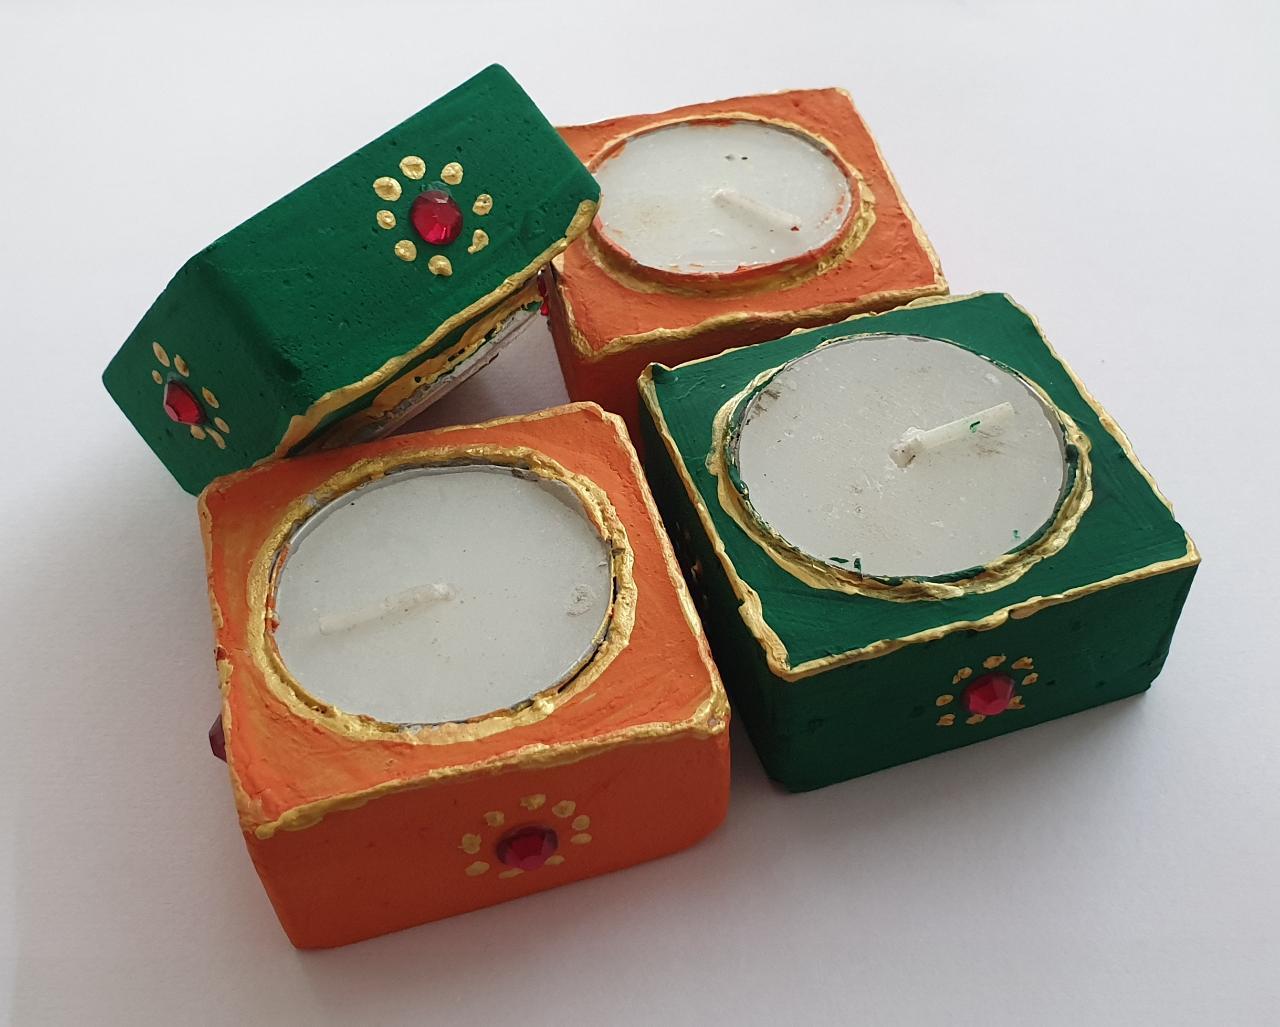 Diwali Hamper (Kumkum Chokha Plate, 4 Diyas, Honey) Slider Thumbnail 3/4